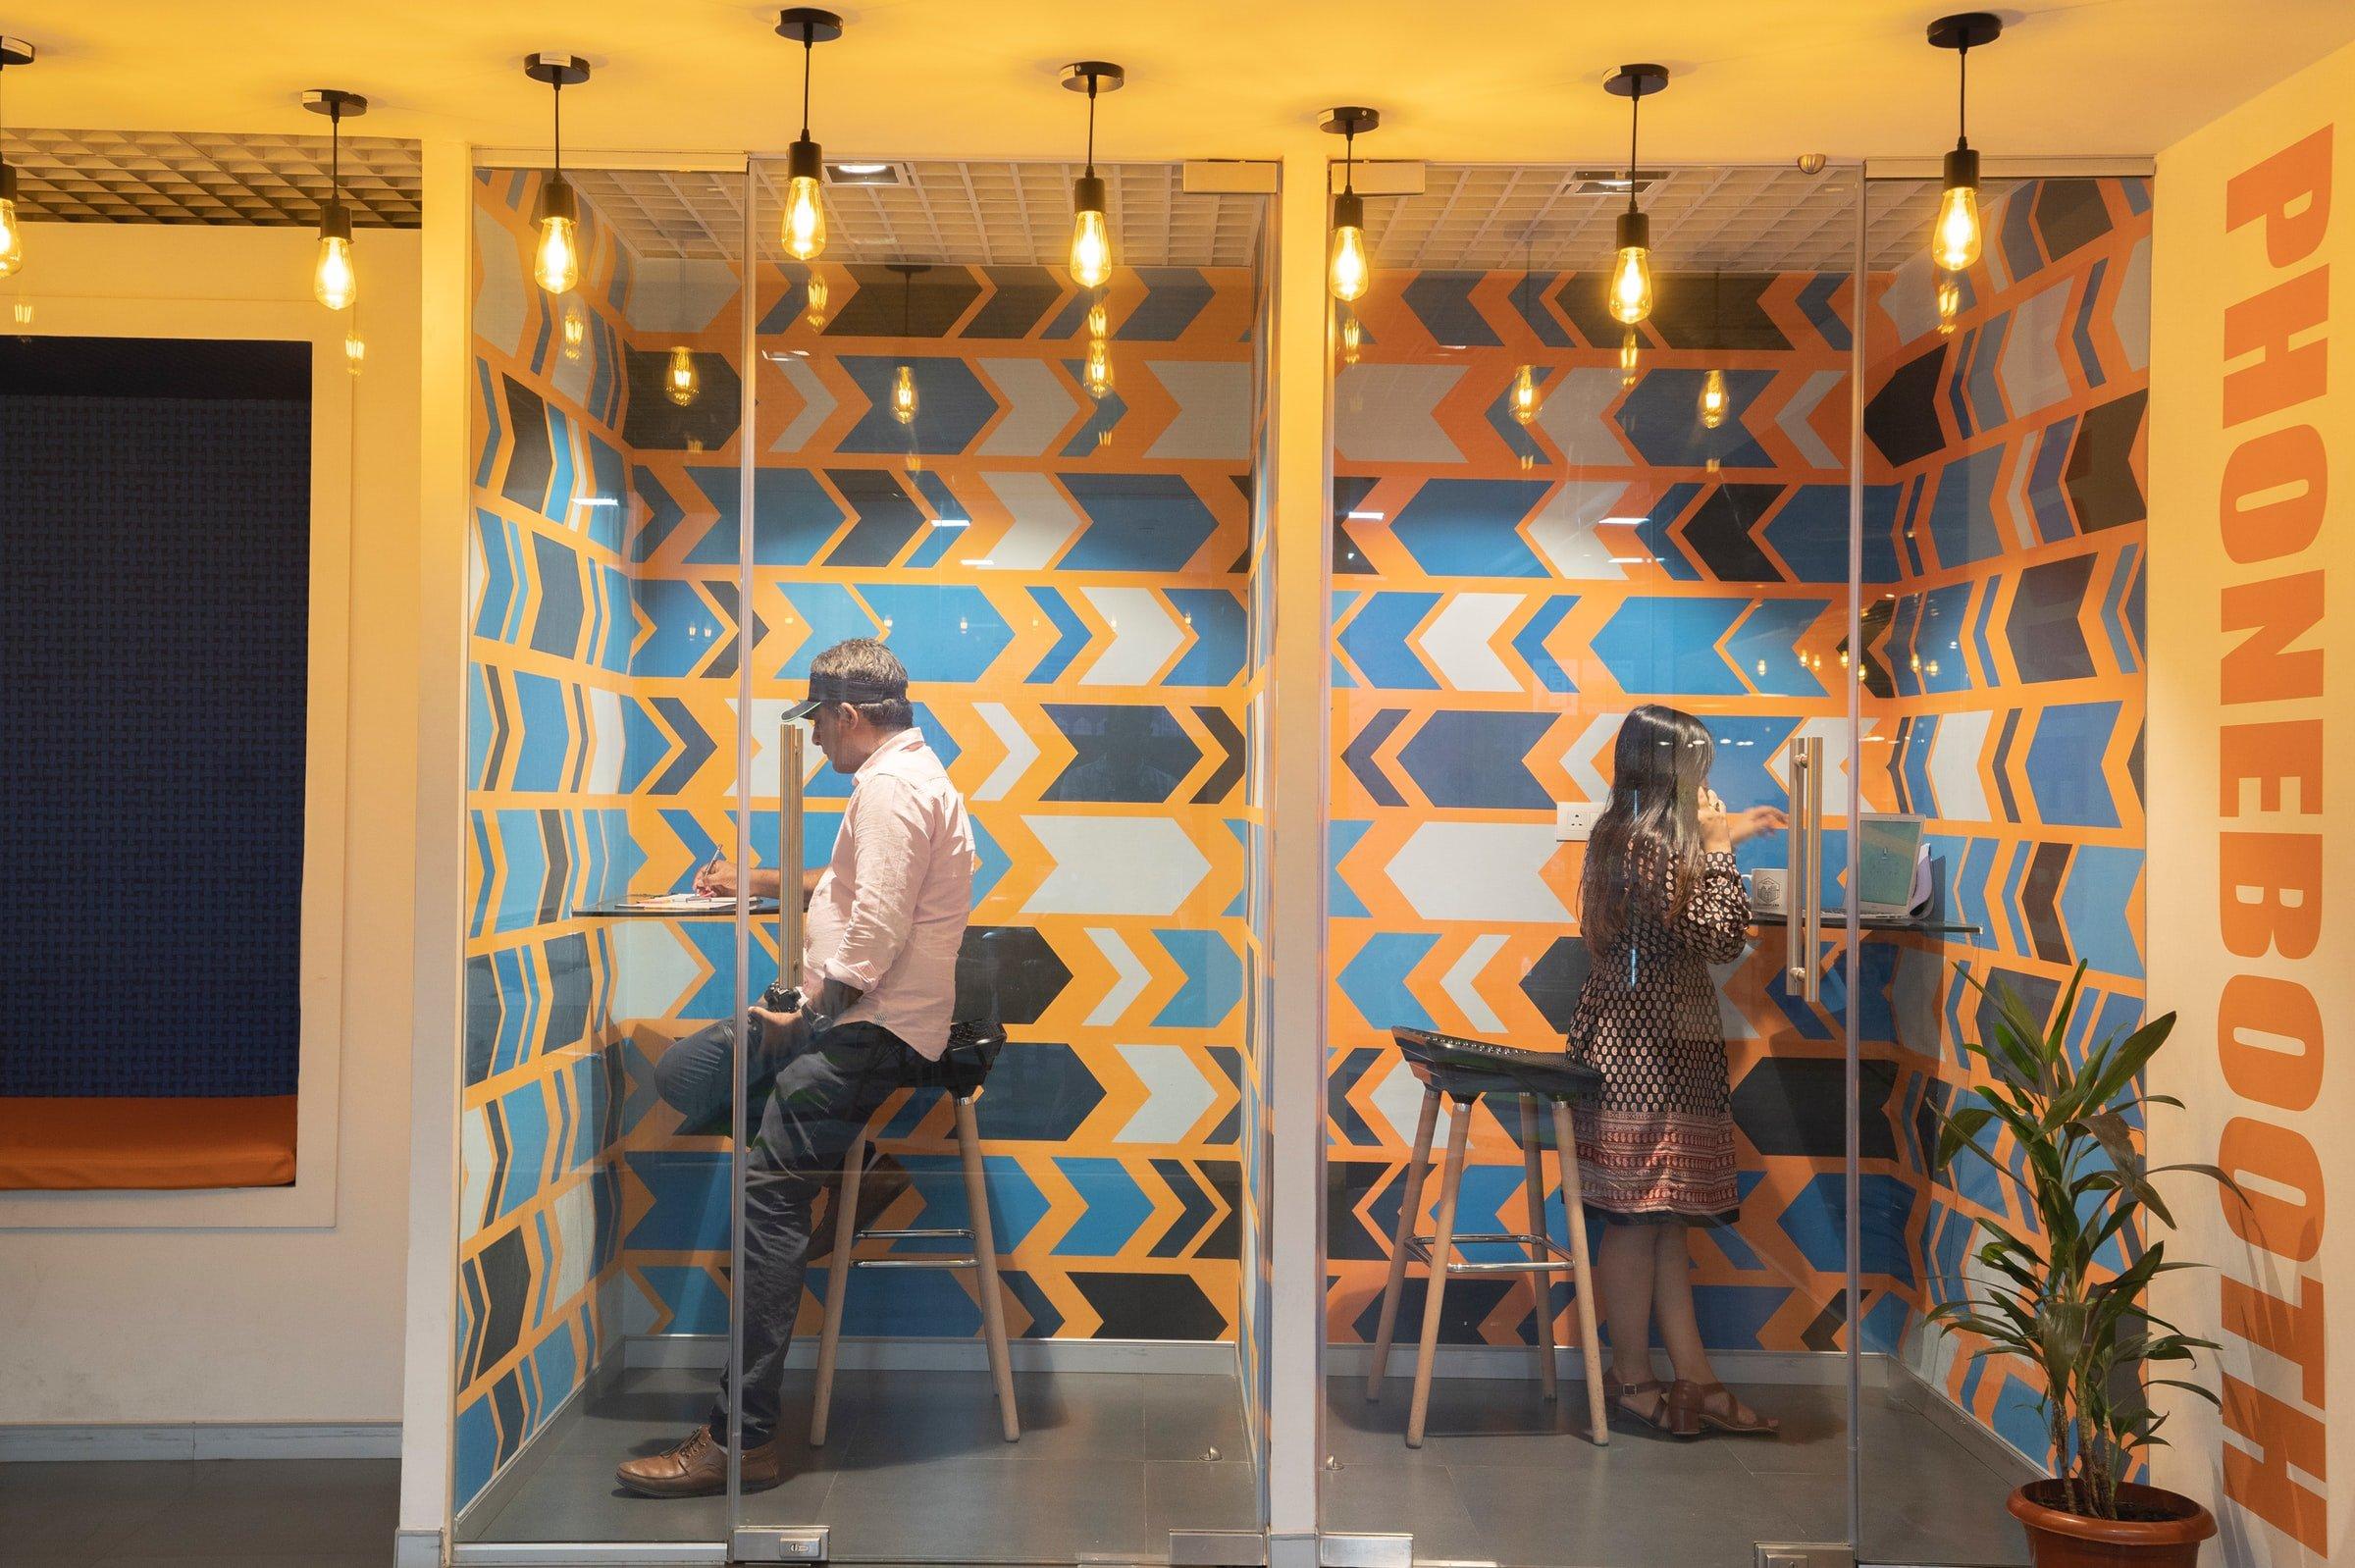 Création d'espaces de coworking par notre agence d'architecture commerciale Elégance au m2